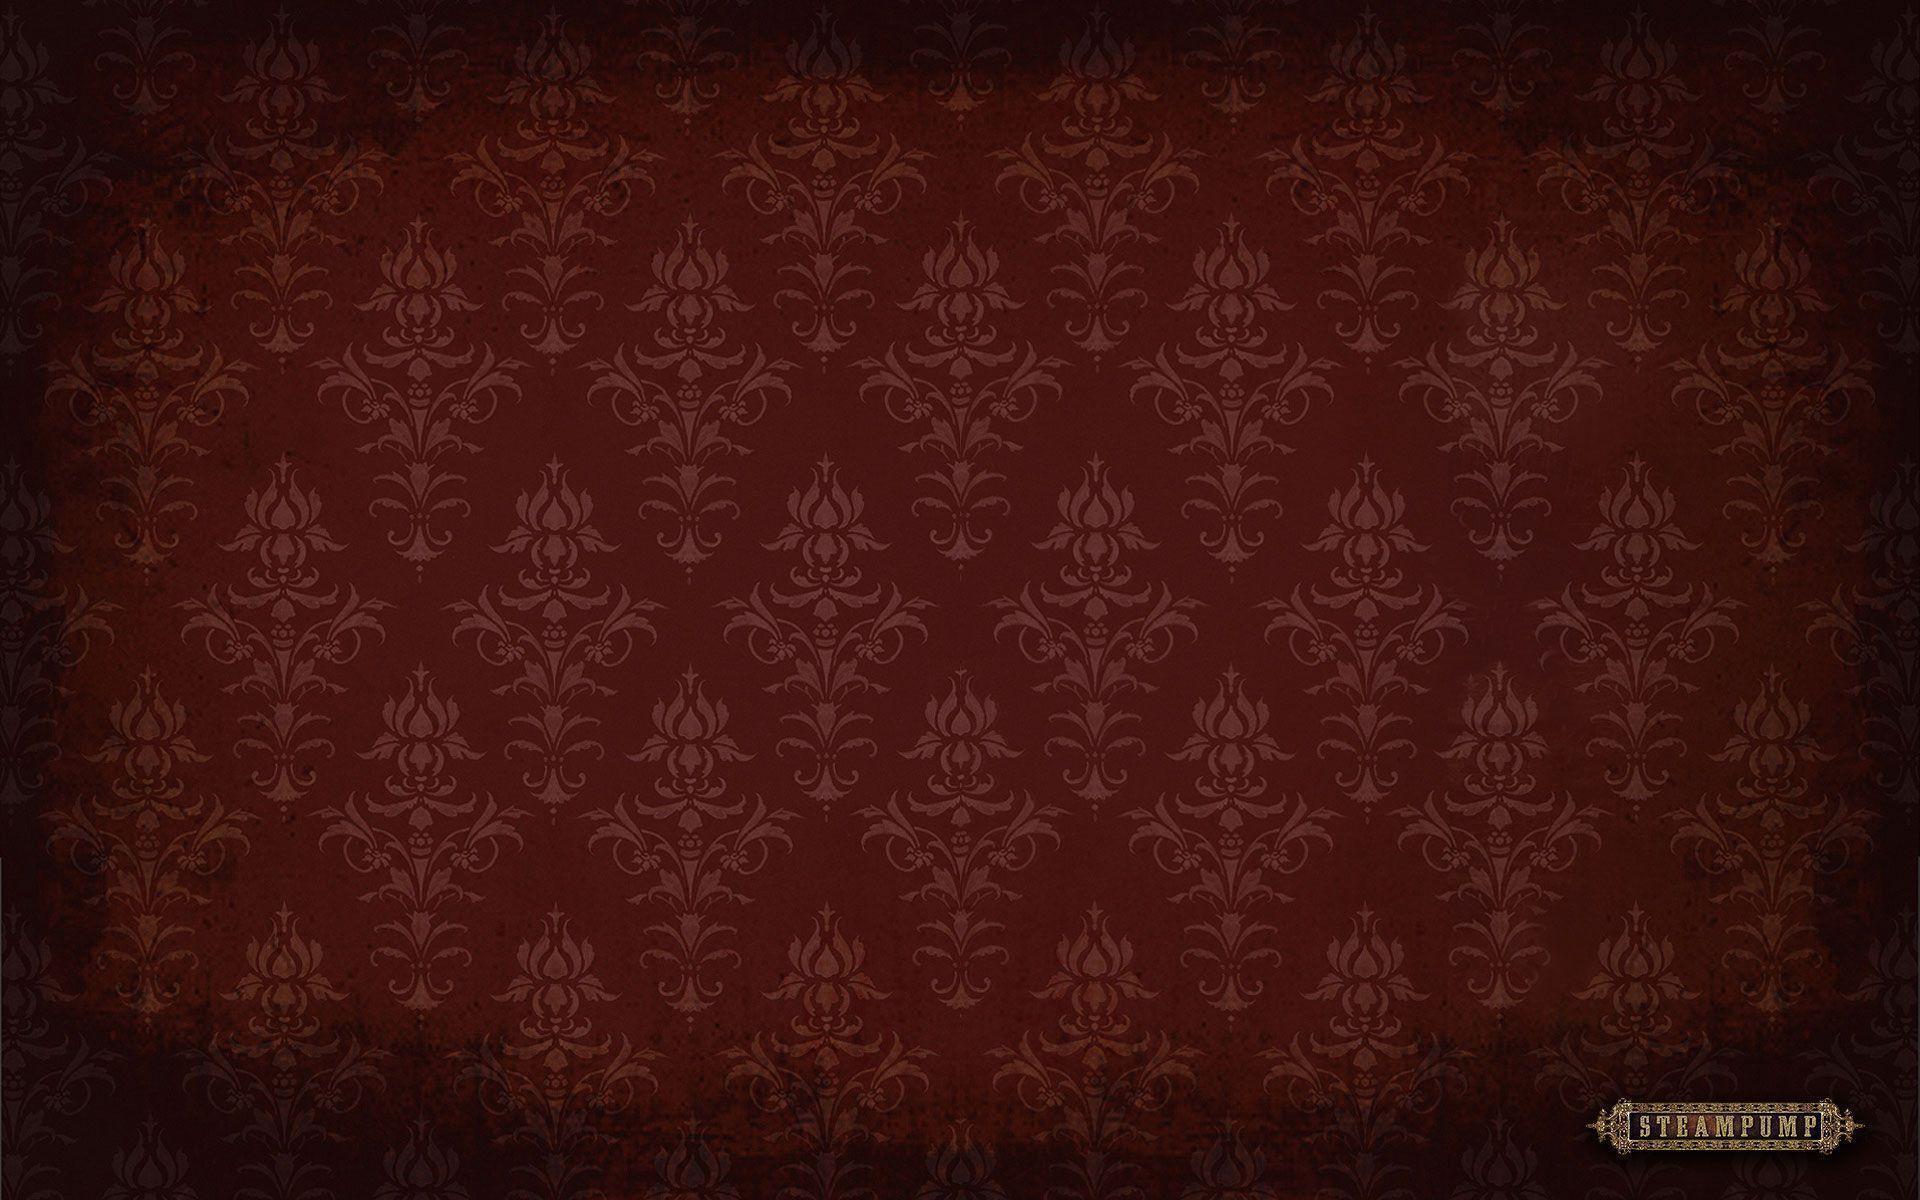 victorian wallpaper desktop wallpapers - photo #3